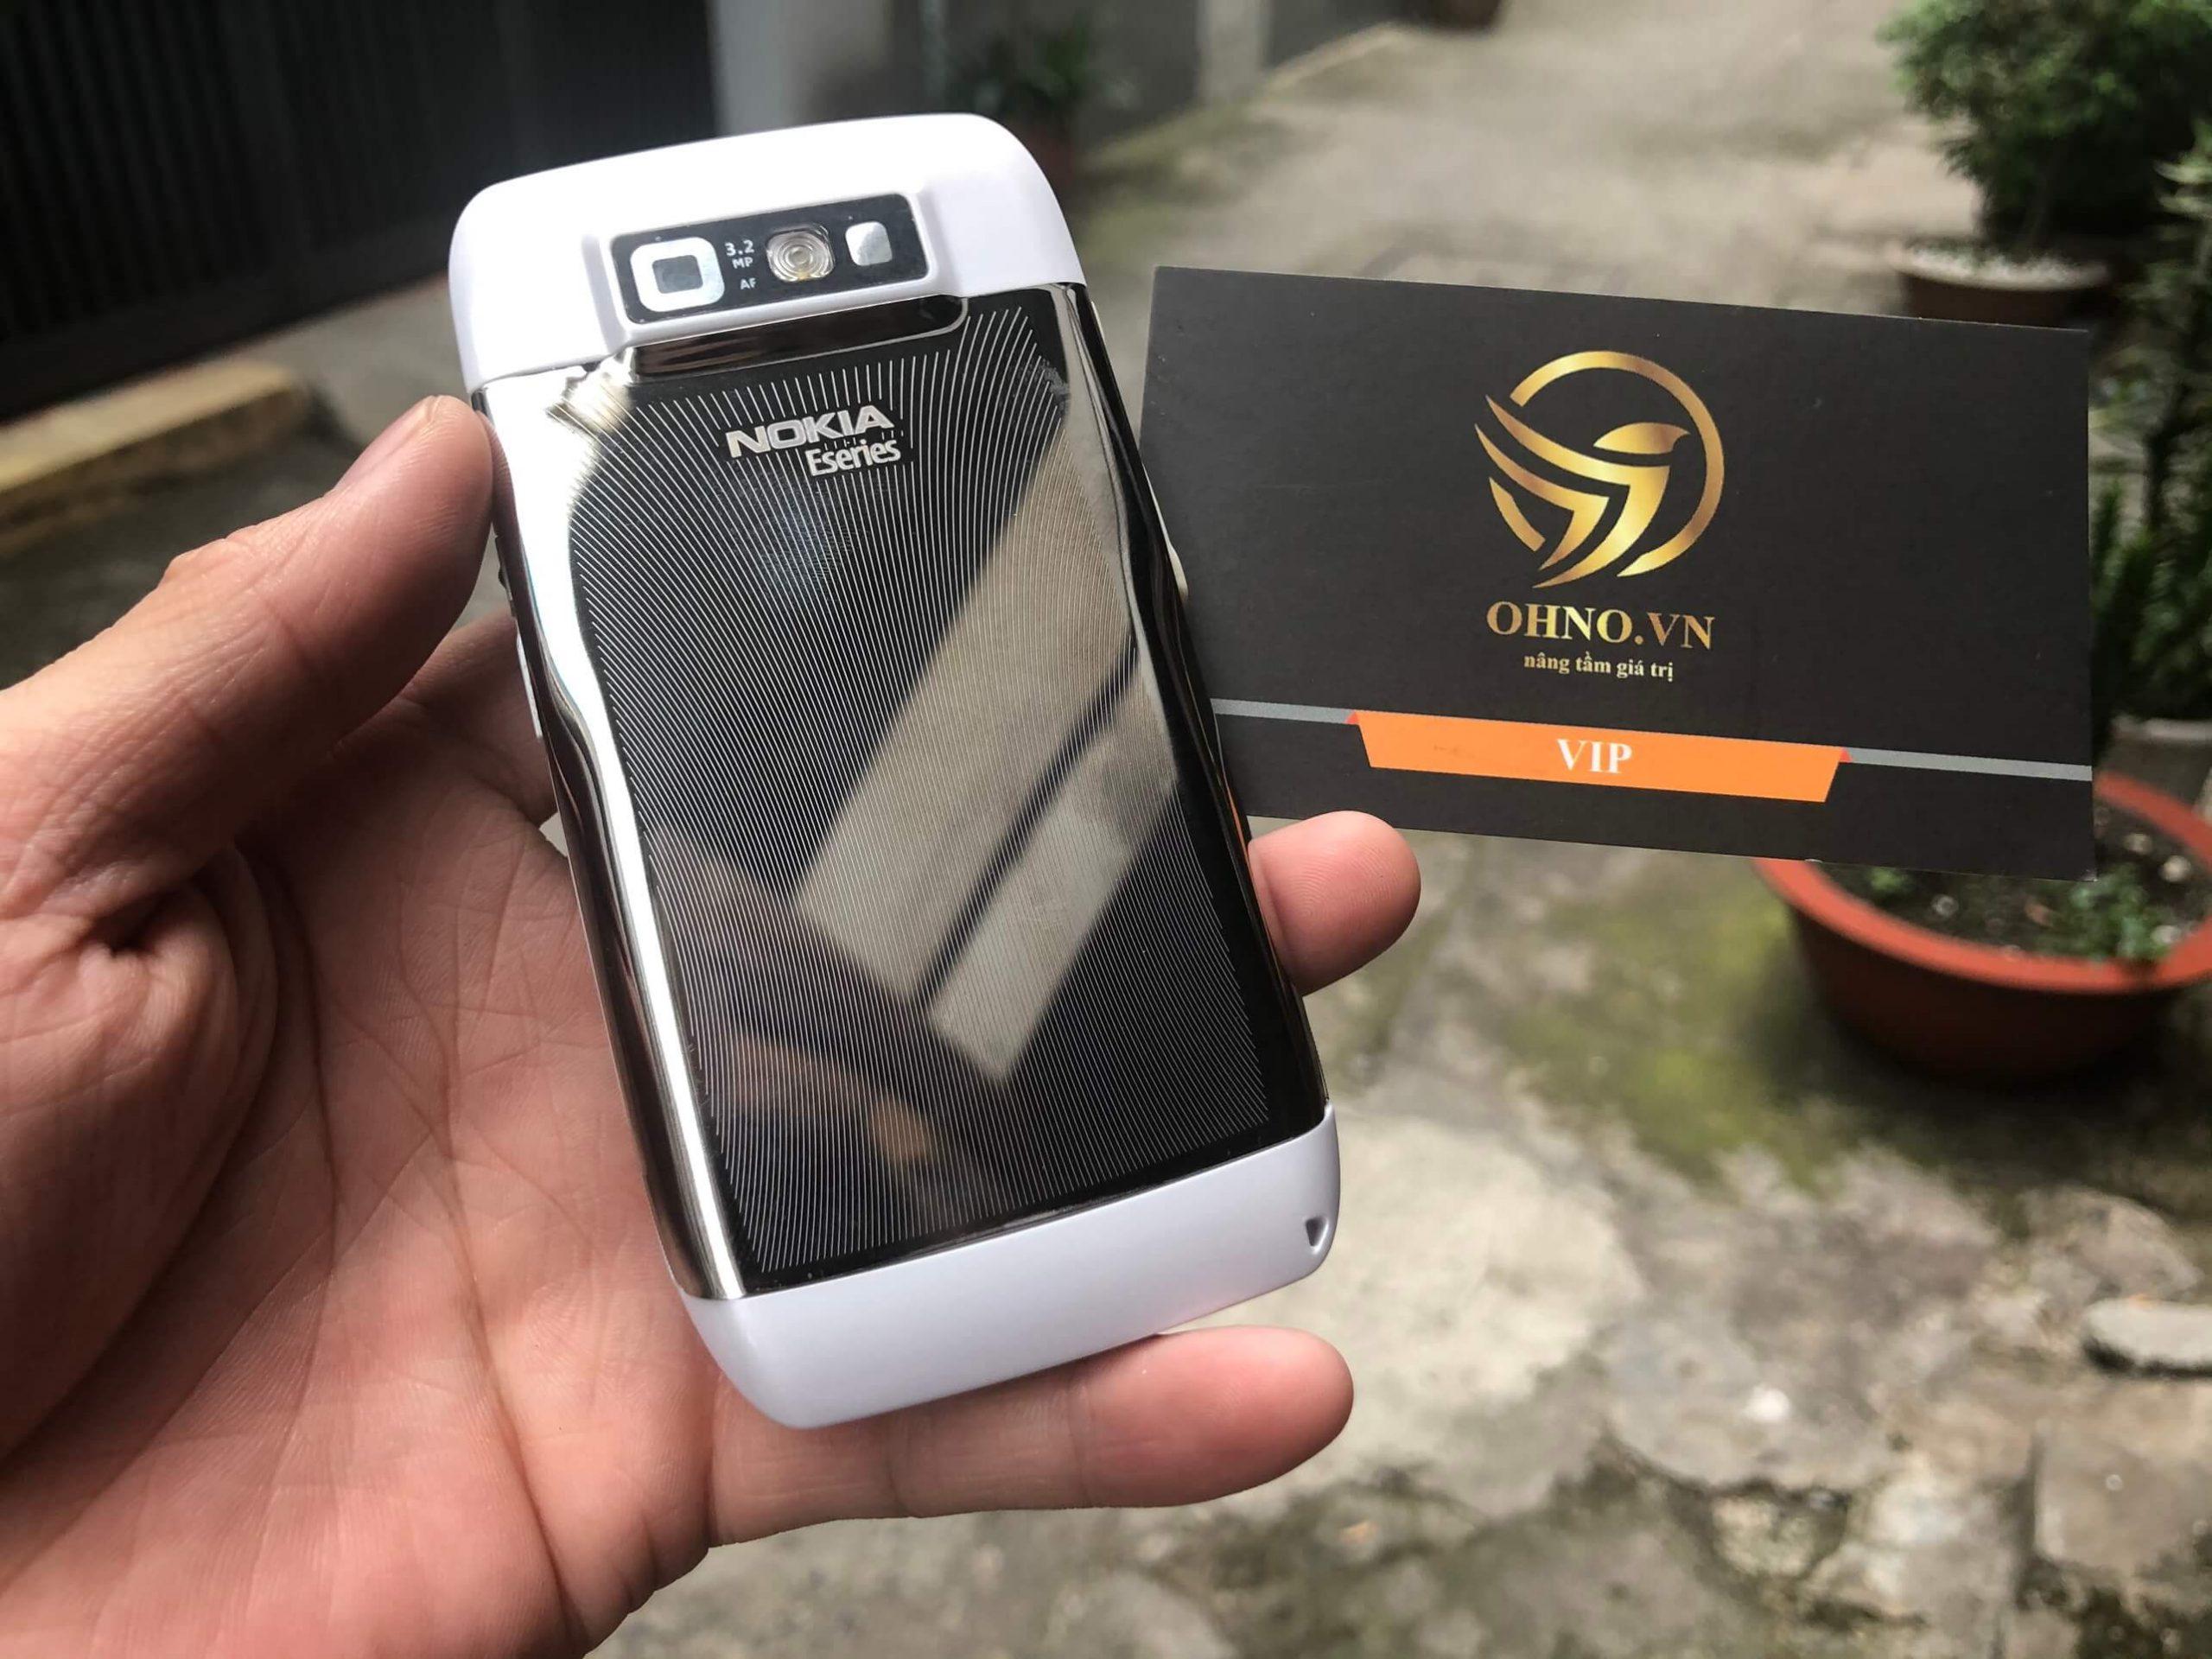 điện thoại nokia e71 wifi cũ chính hãng main zin